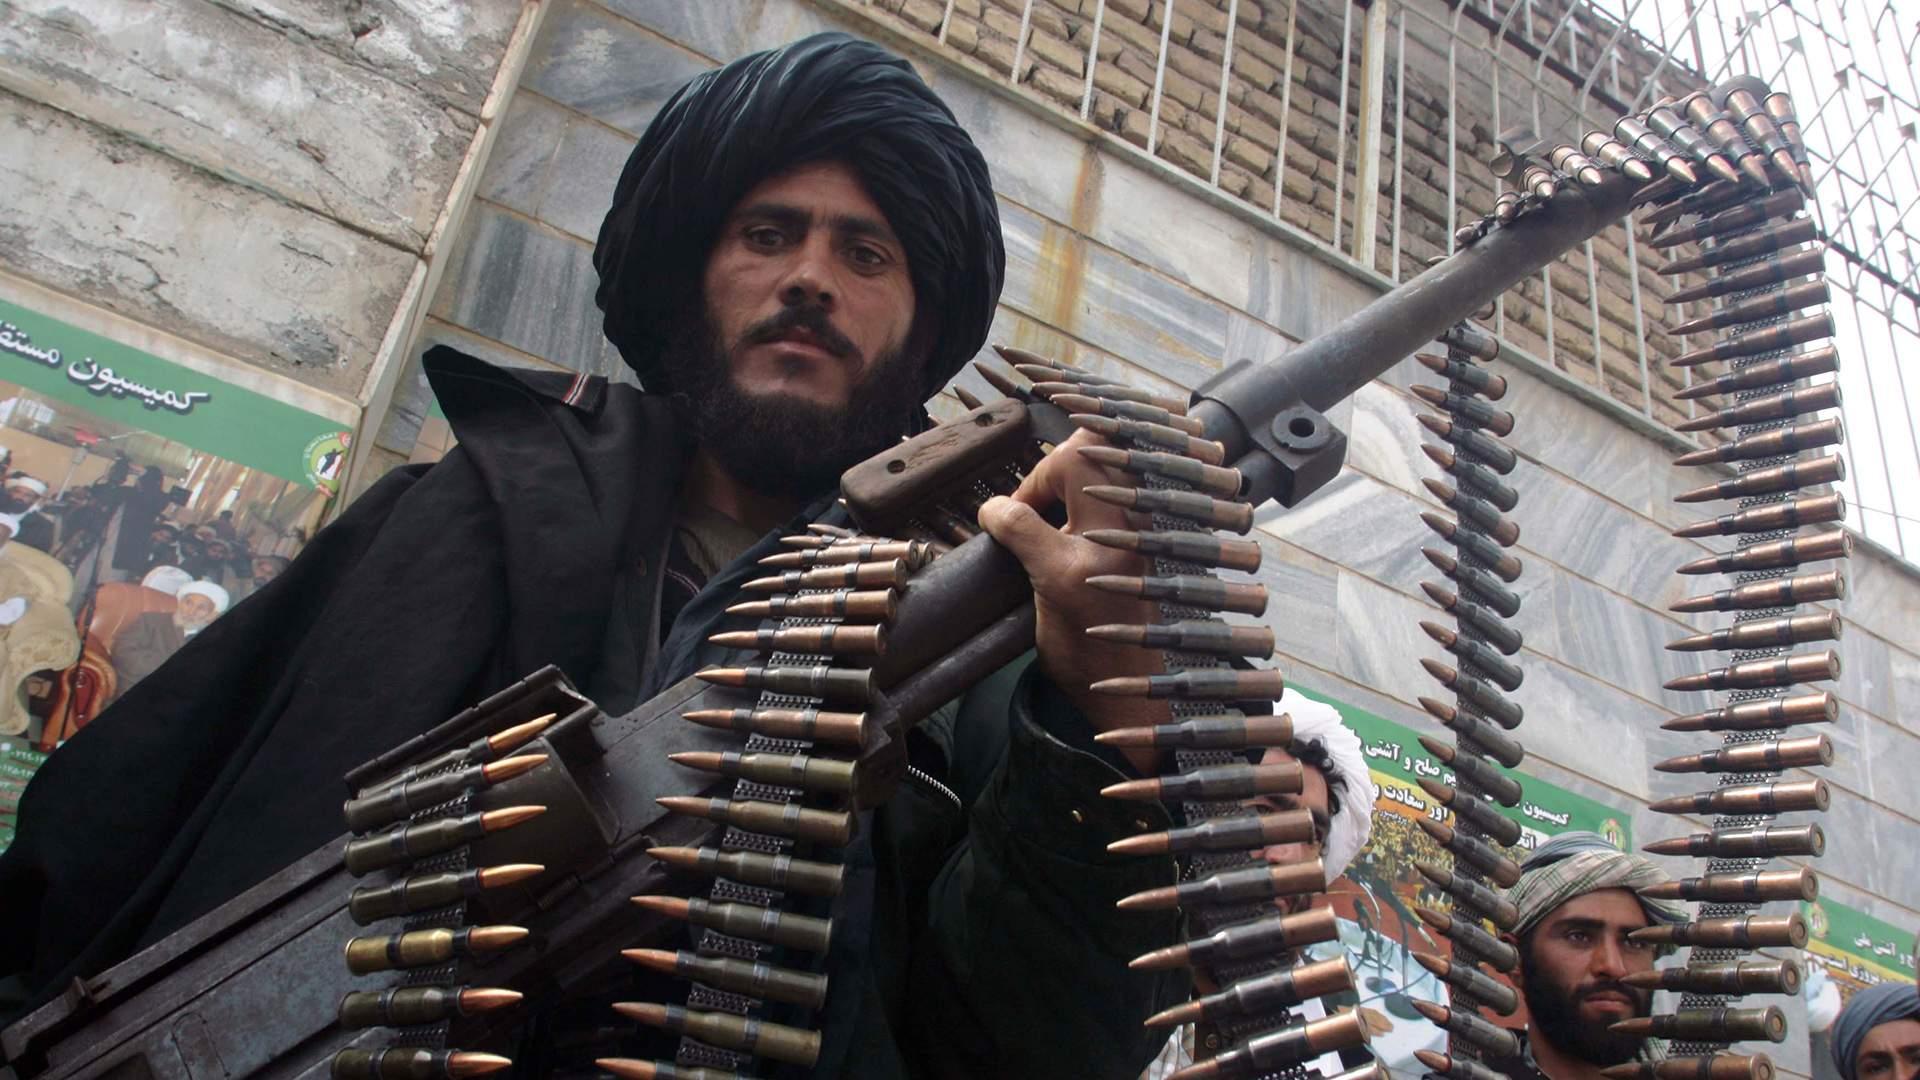 Талибы 20 лет спустя: боевики подошли к границе с Таджикистаном | Статьи |  Известия